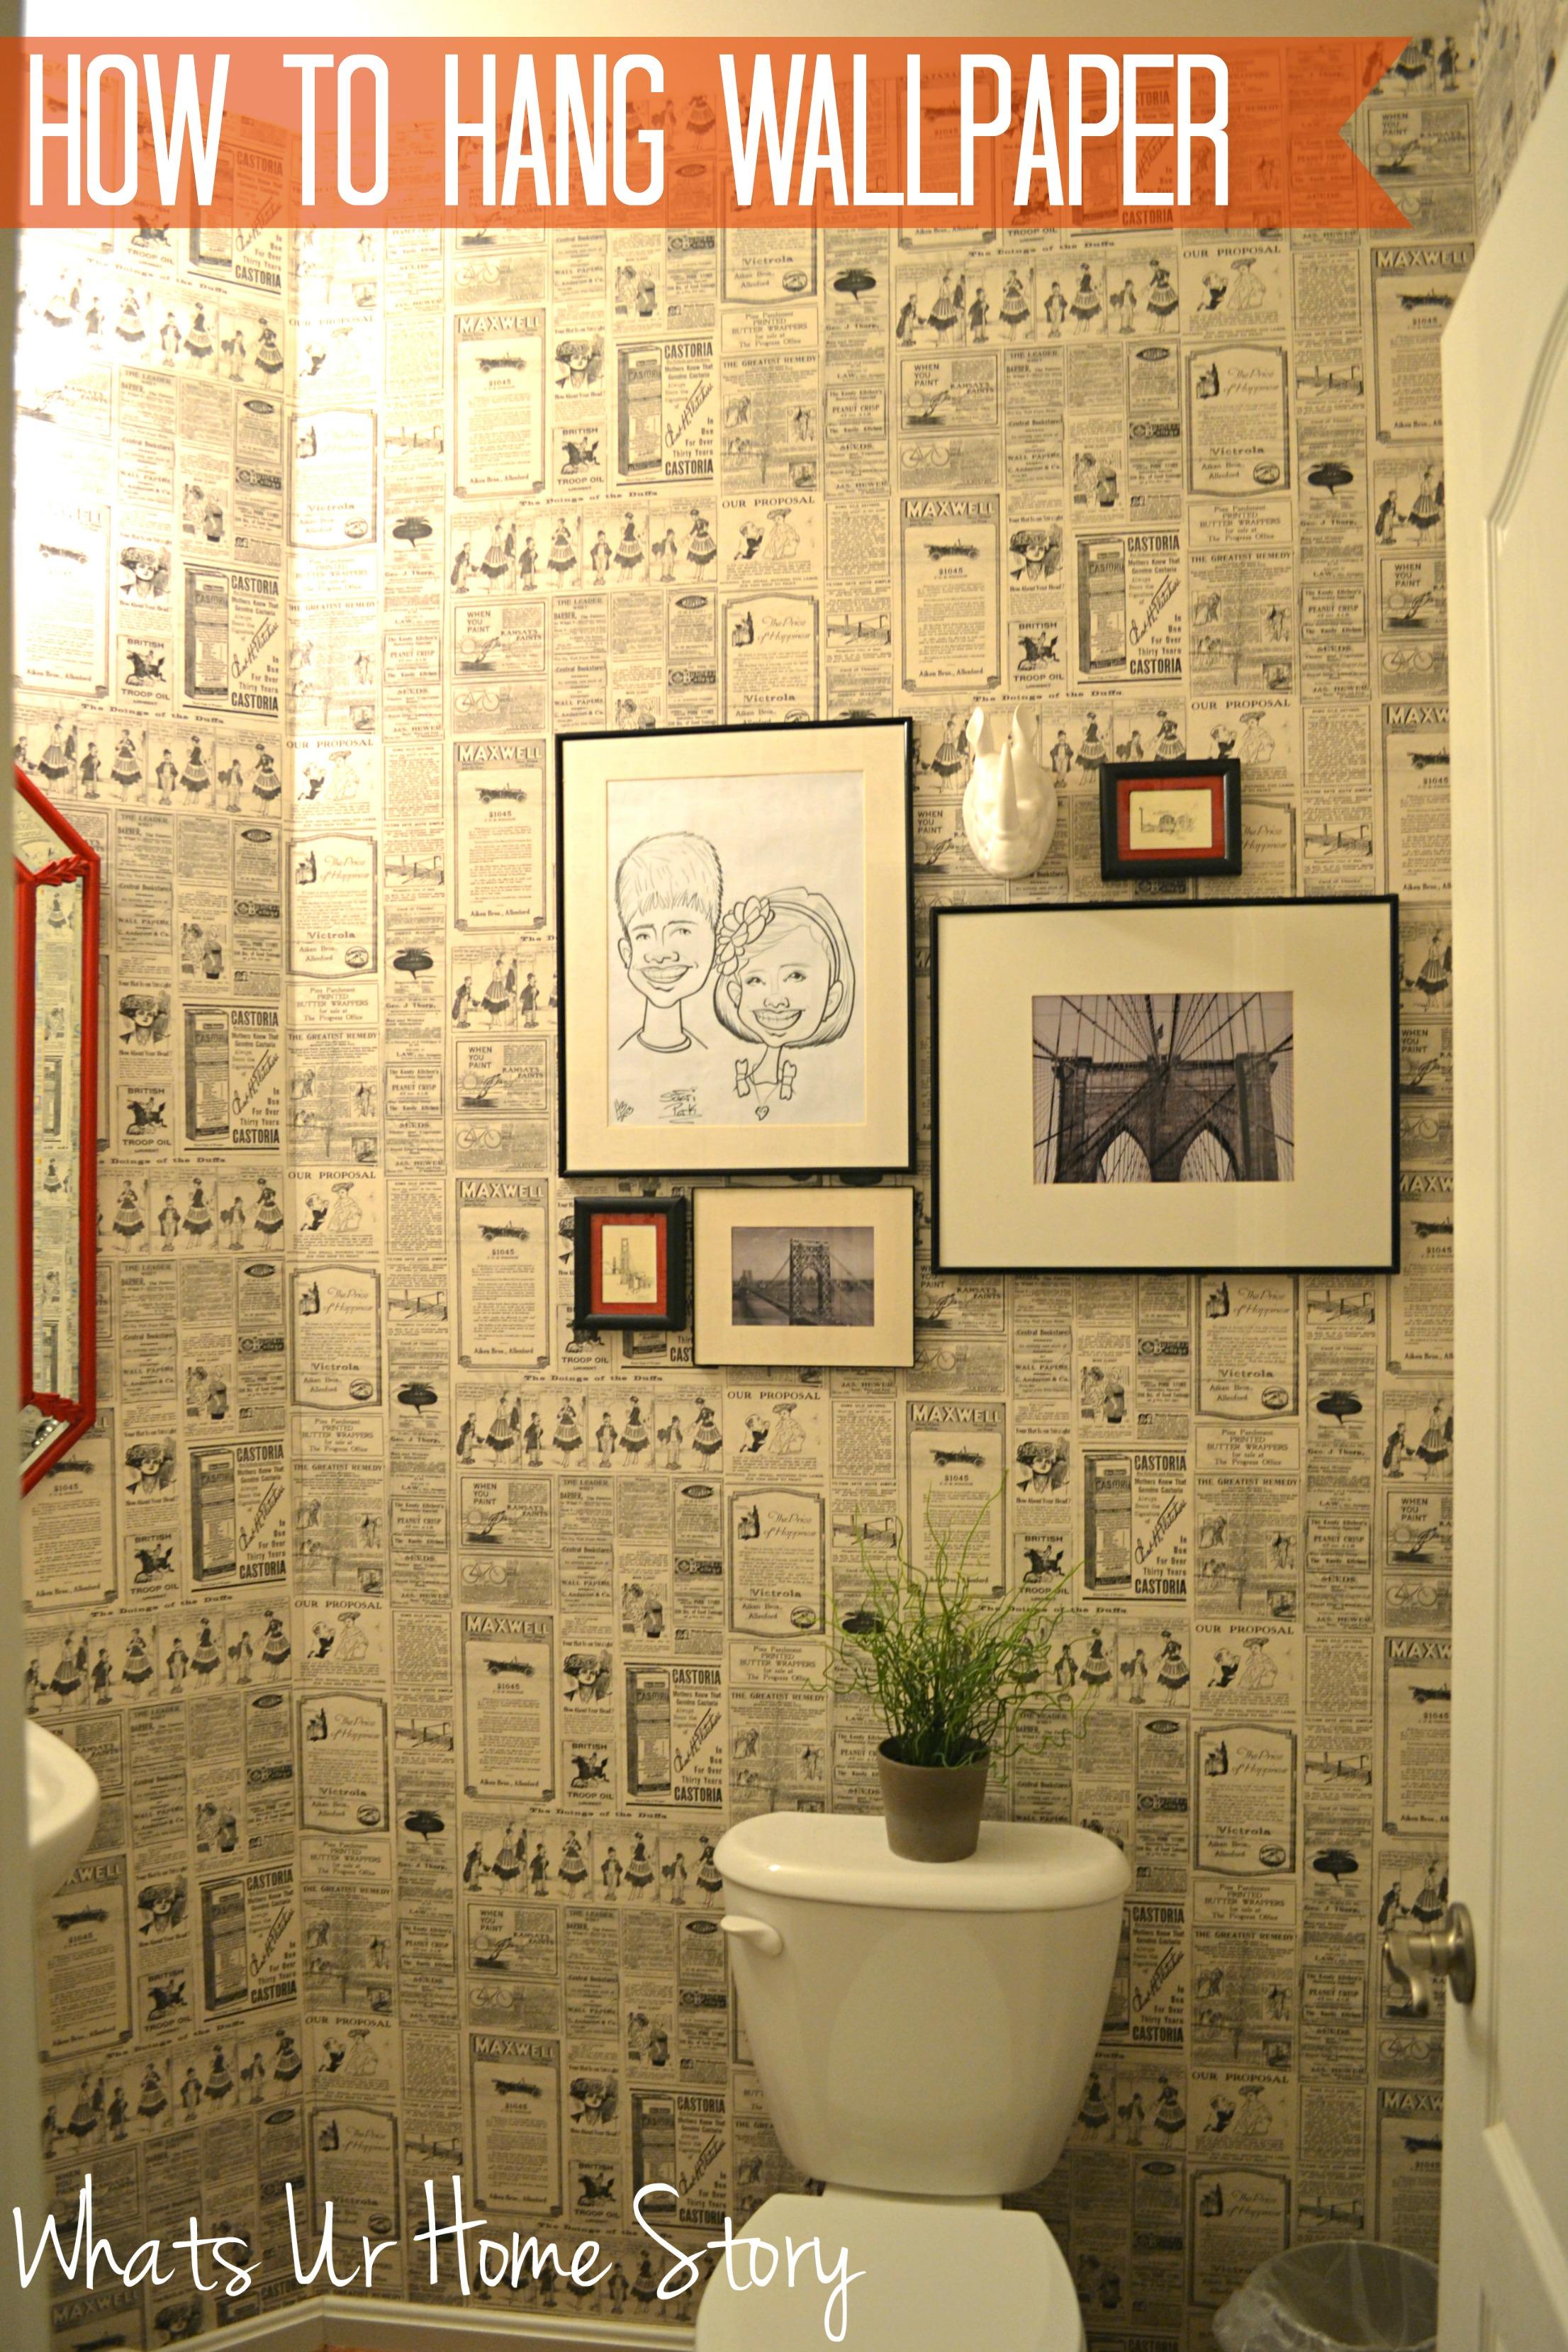 Hang Wall Paper